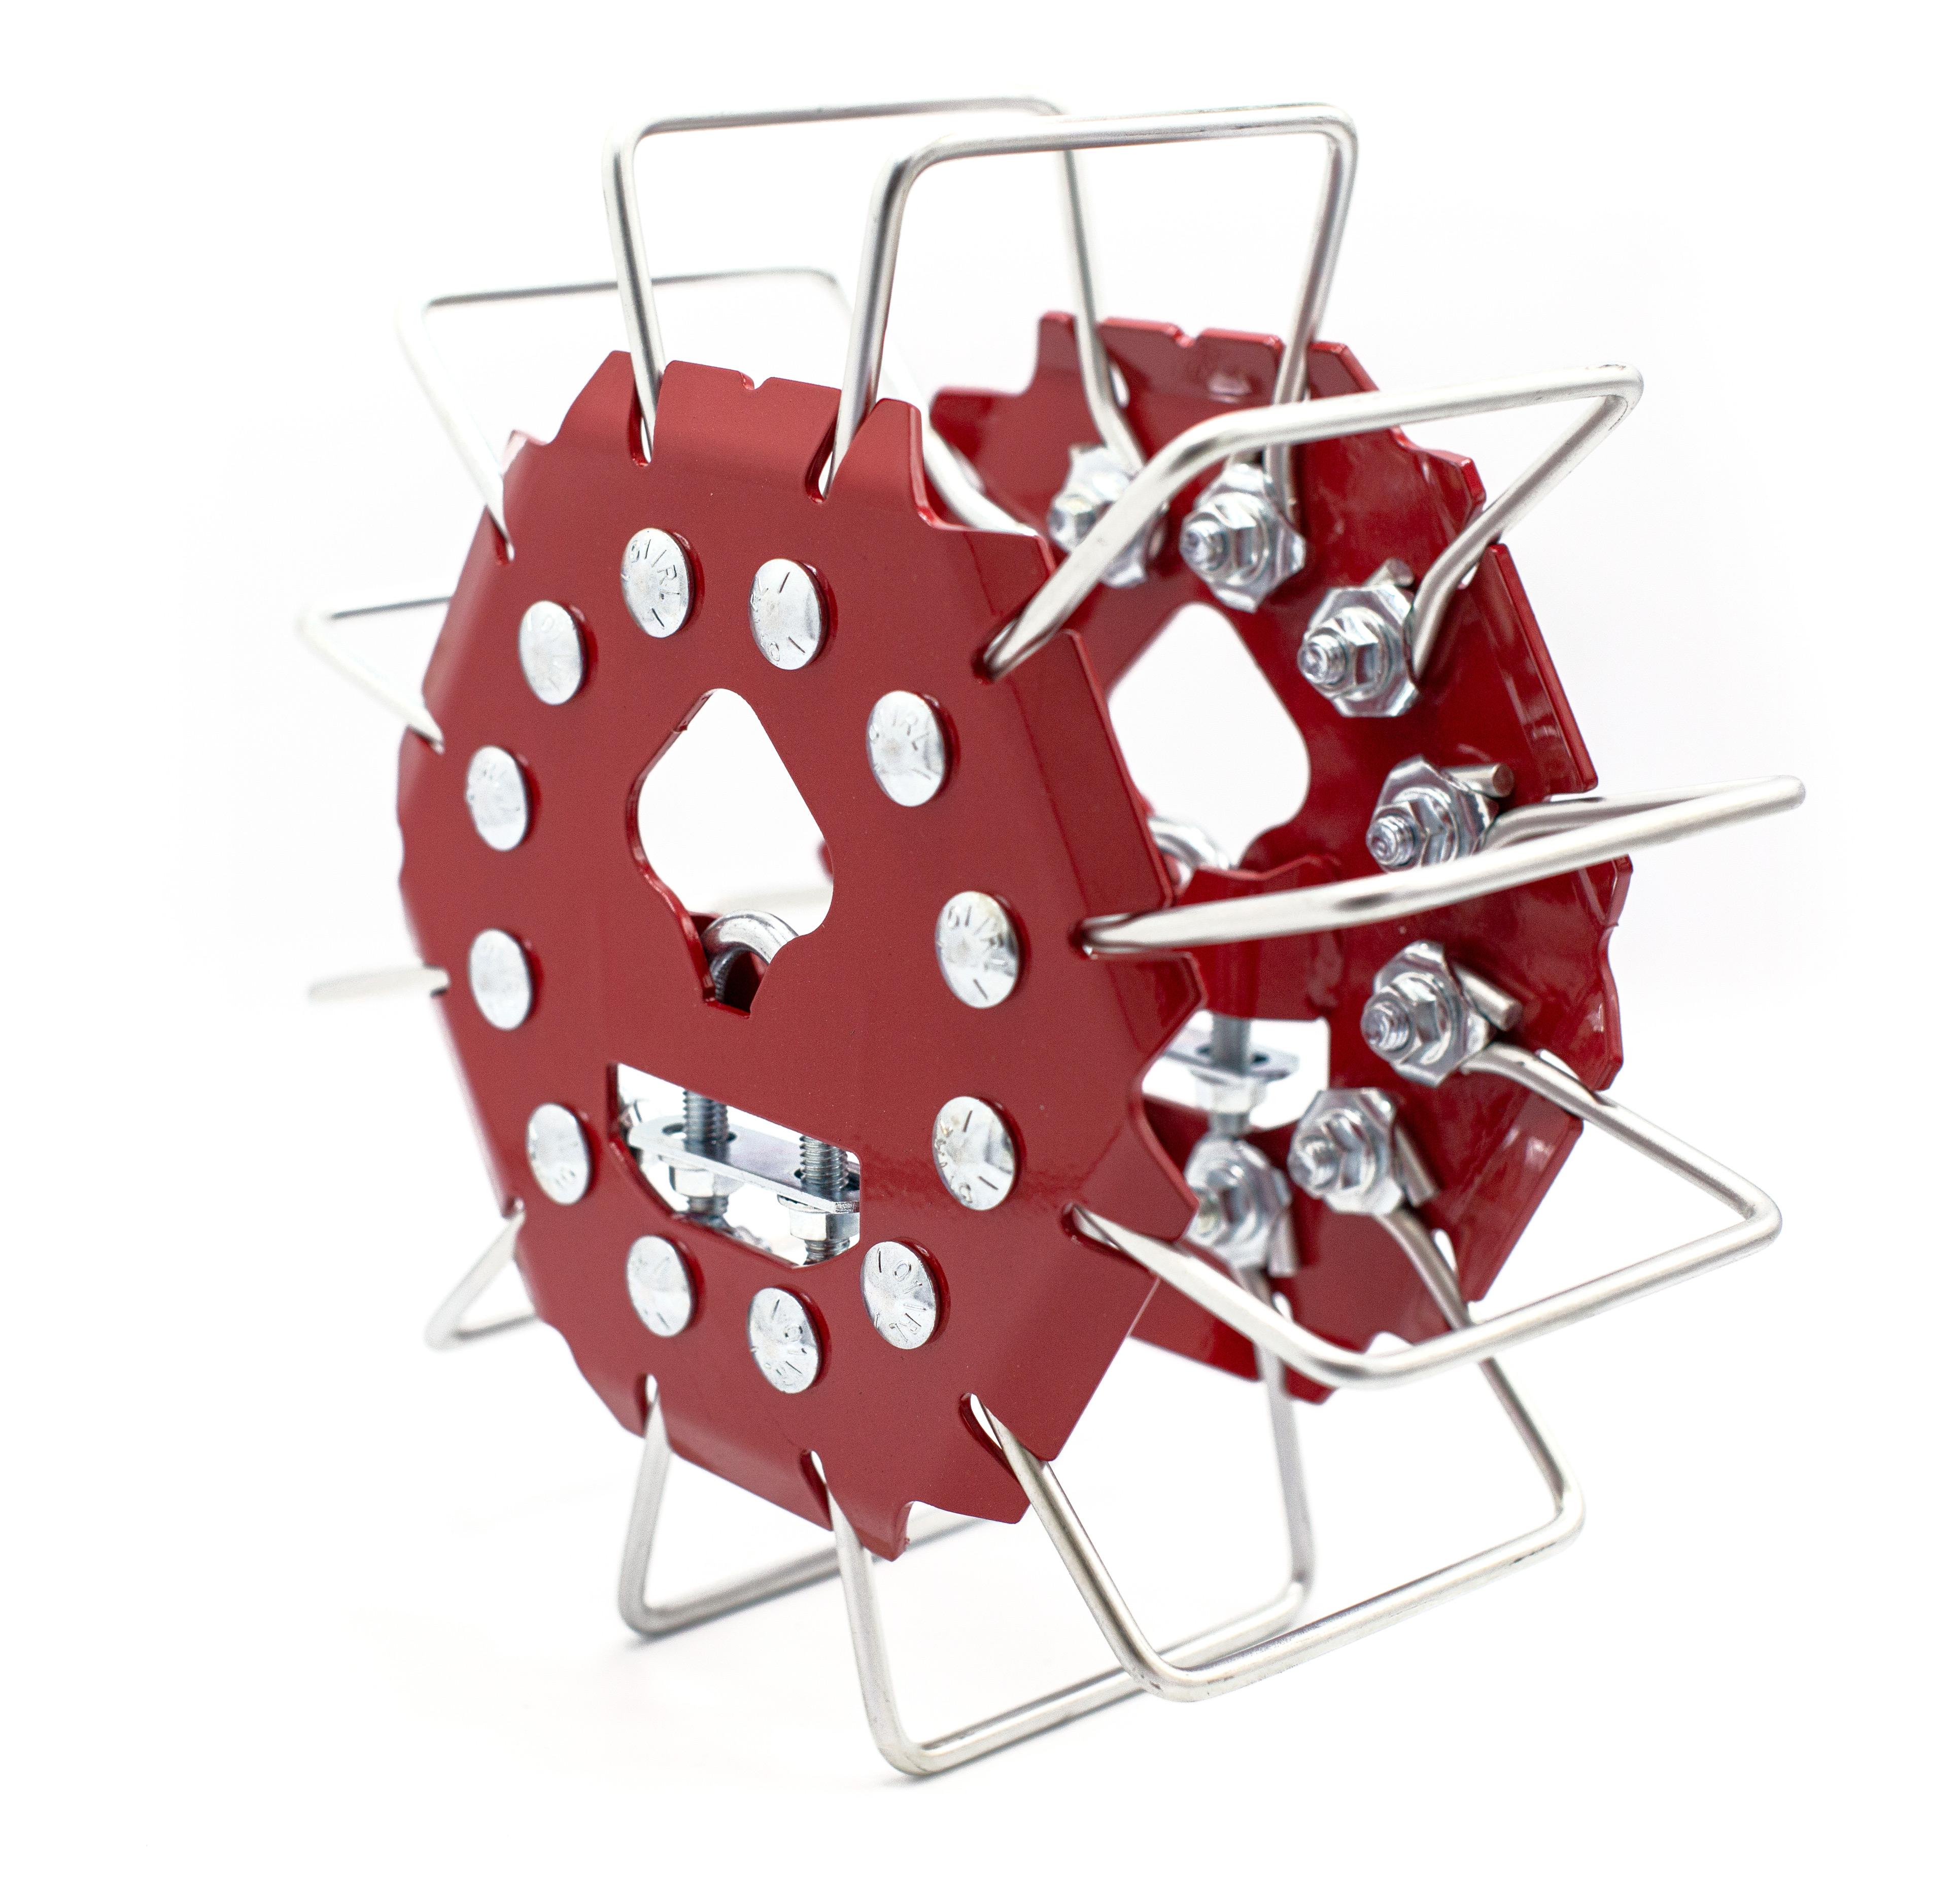 Basket Assembly for Tilmor Basket Weeder